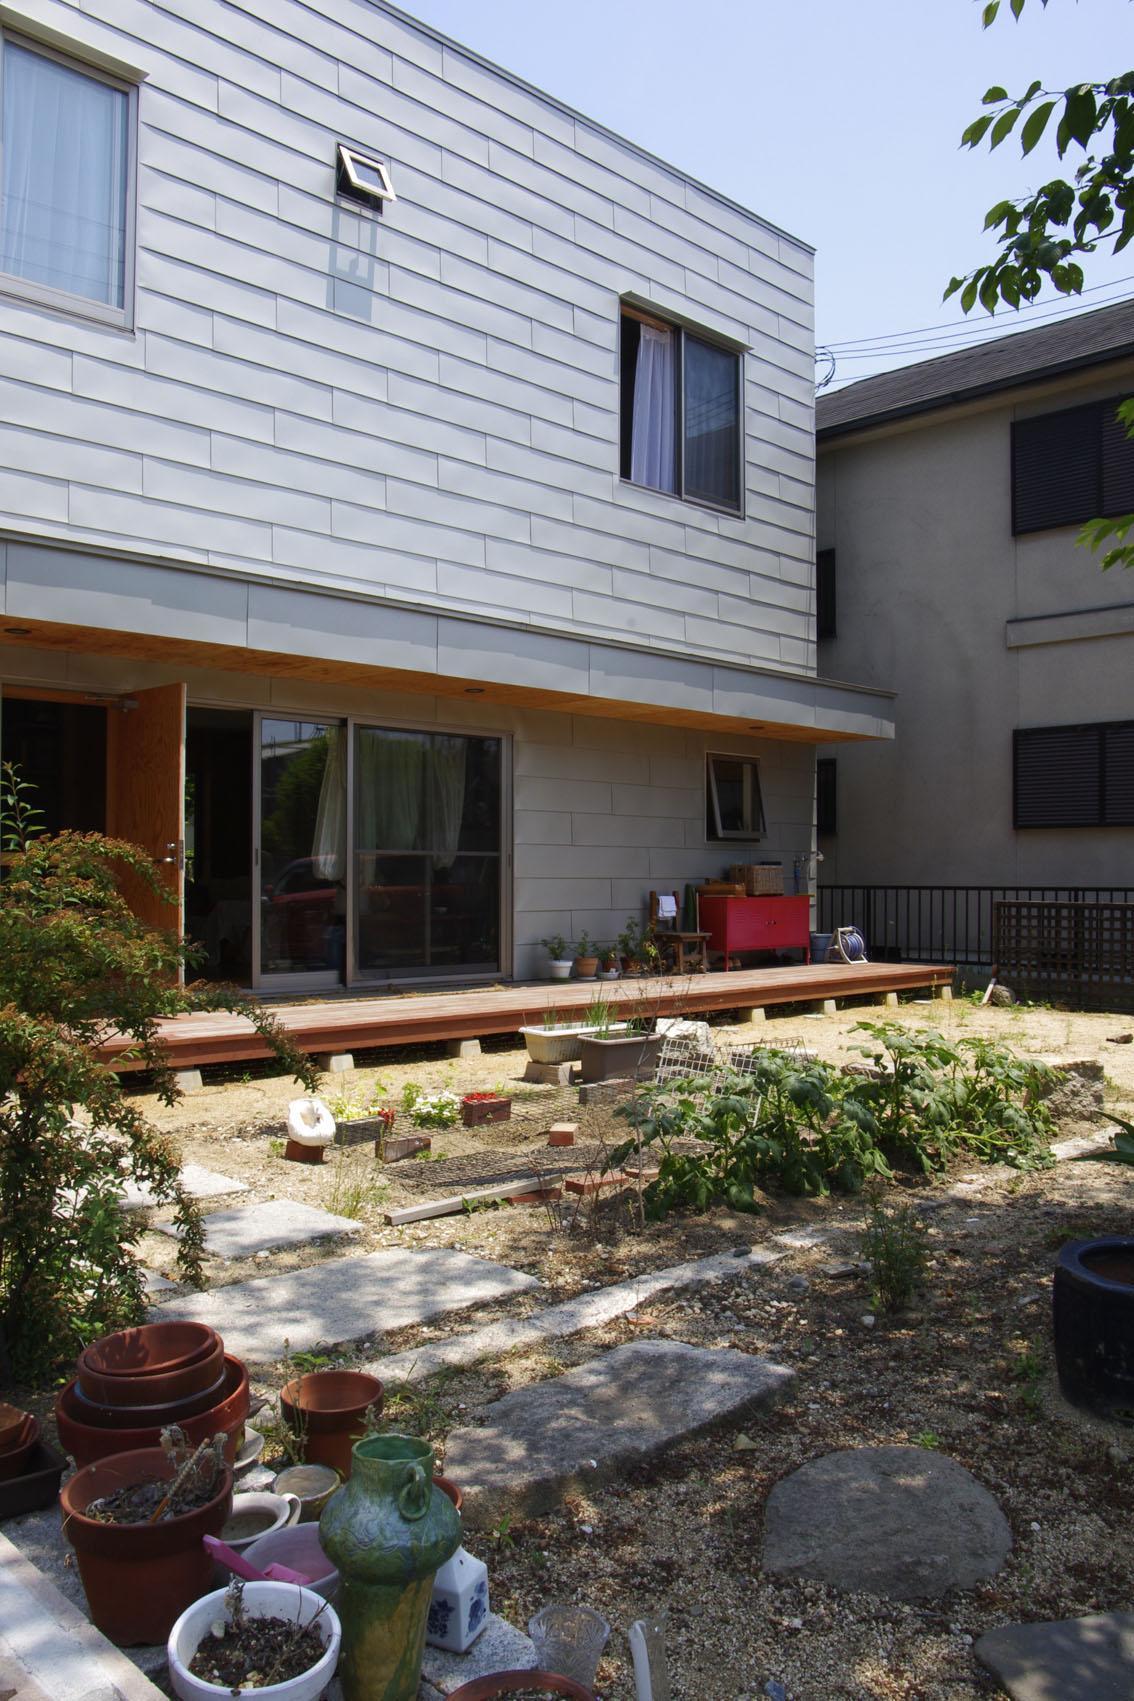 高師浜の住宅 / HOUSE in Takashinohamaの部屋 前庭